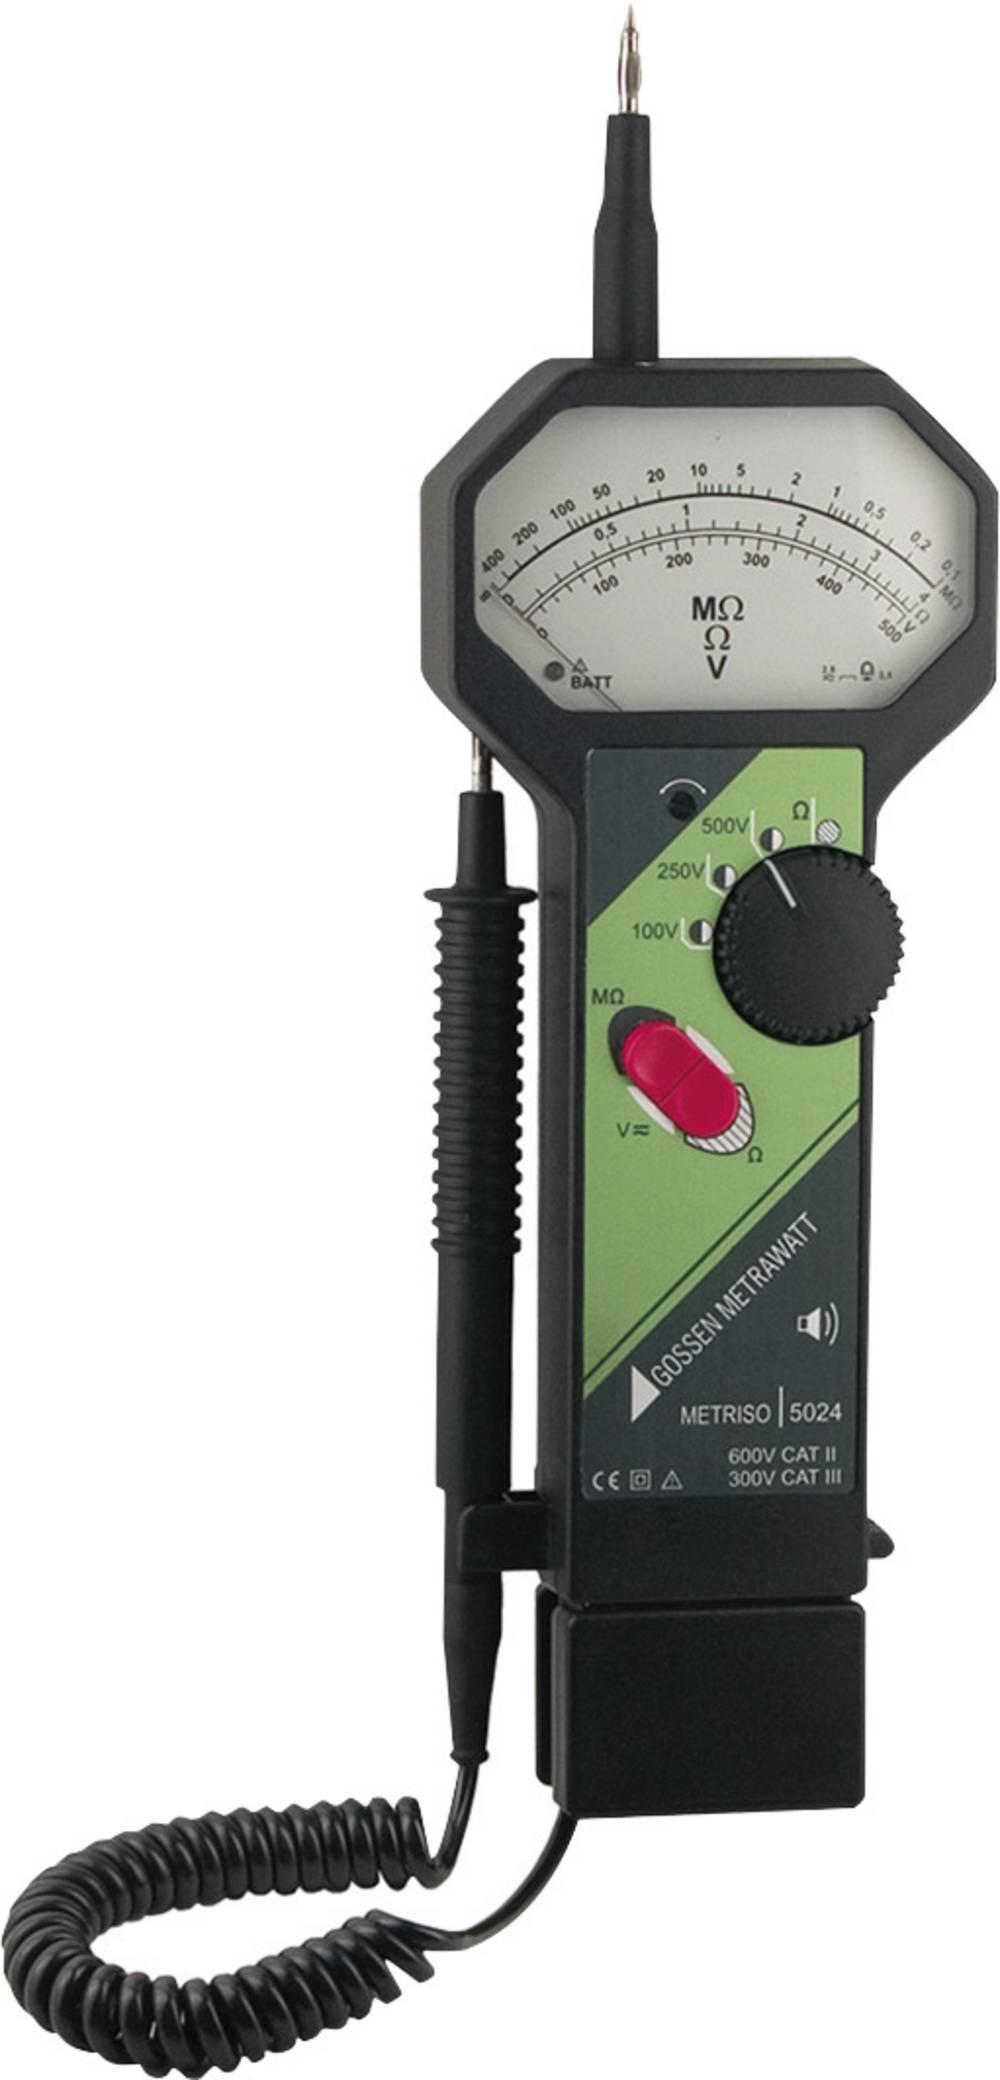 Gossen Metrawatt Metriso 5024 merilnik izolacije 100, 250, 500 V 0 - 400 M CAT II 600 V